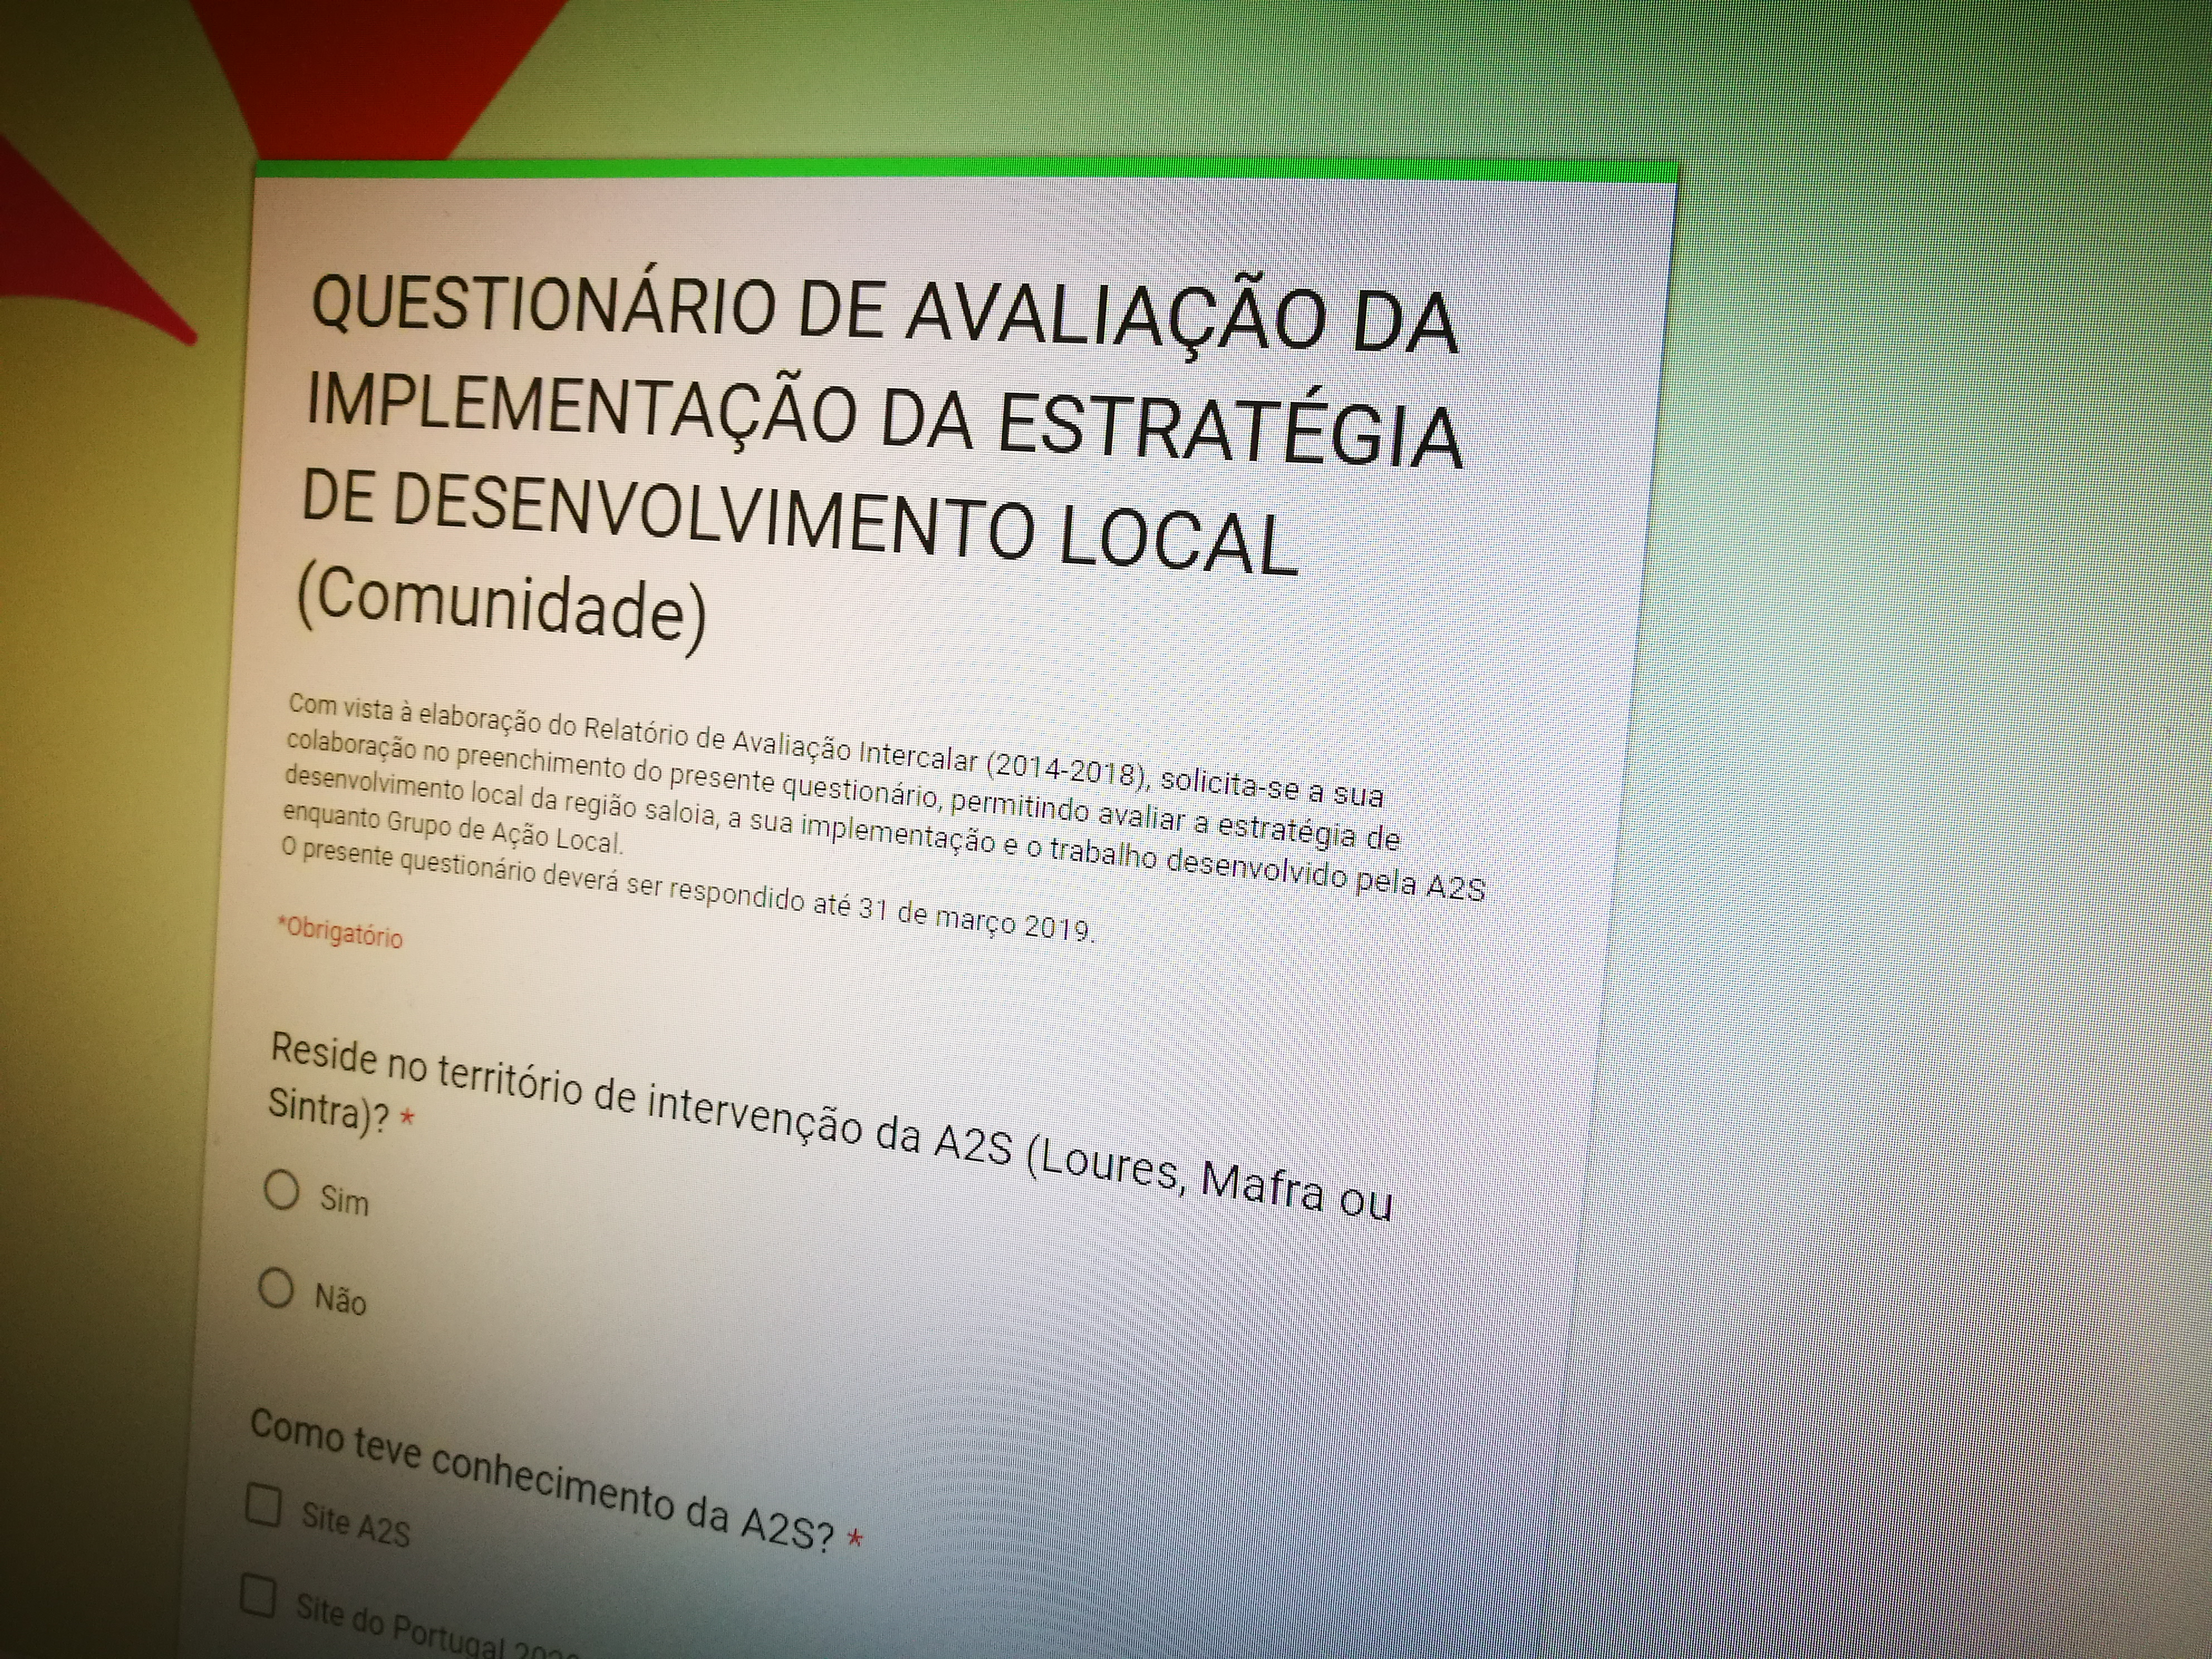 QUESTIONÁRIO DE AVALIAÇÃO DA IMPLEMENTAÇÃO DA ESTRATÉGIA DE DESENVOLVIMENTO LOCAL – Até 10 De Abril